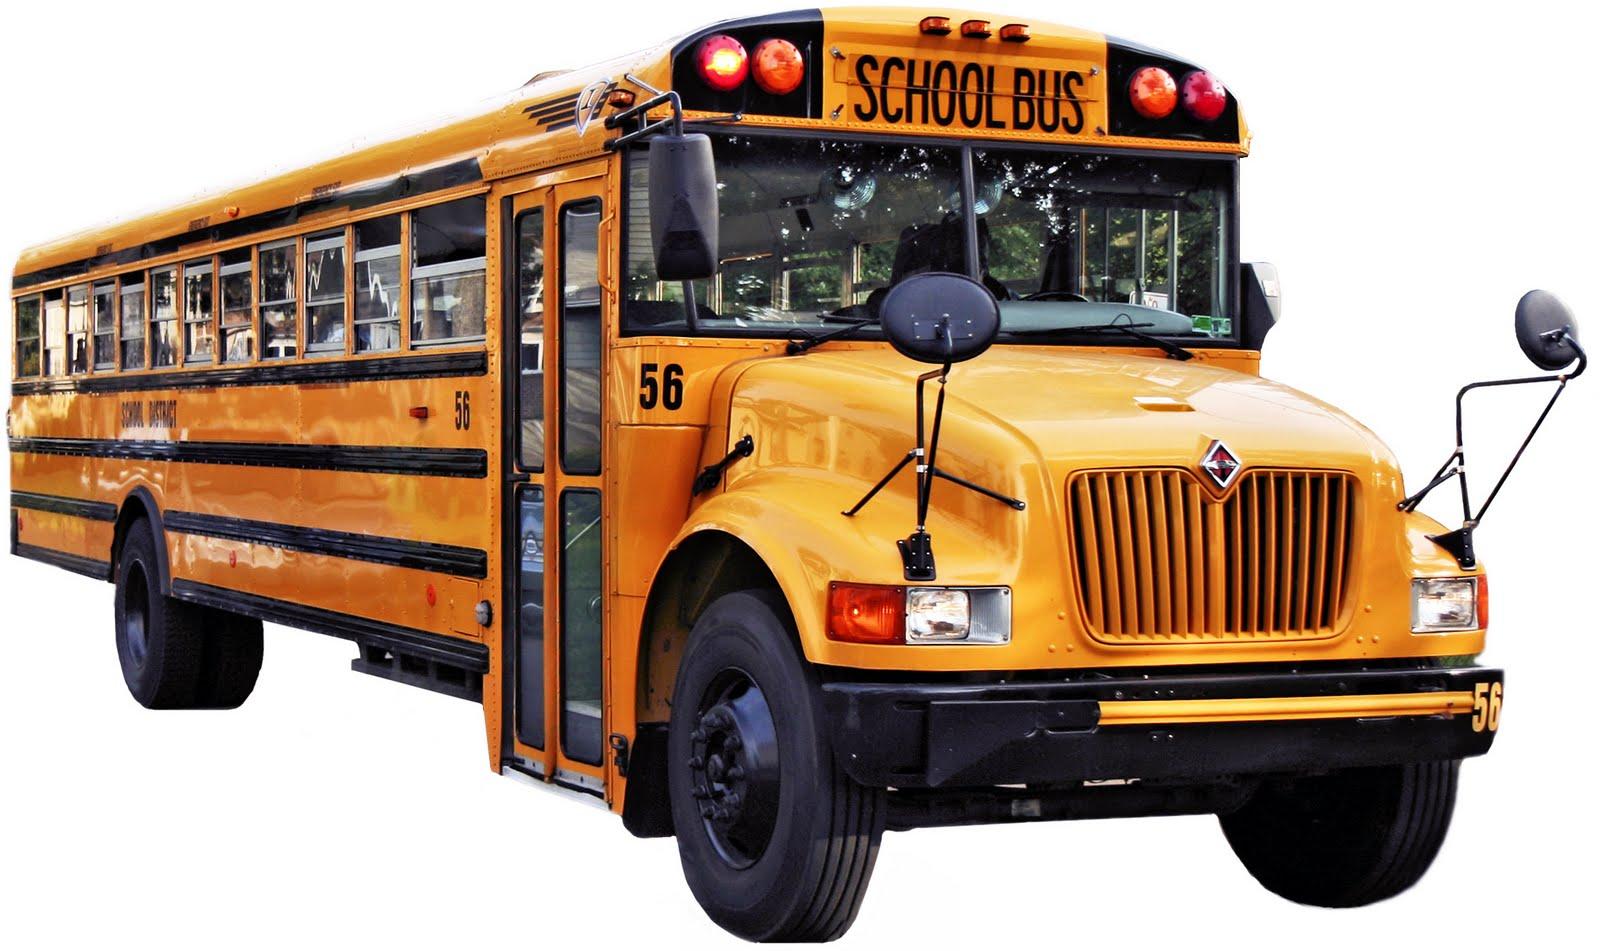 Amerykański schoolbus - potężny pojazd zapewniający podróżującym nim dzieciom maksimum bezpieczeństwa.